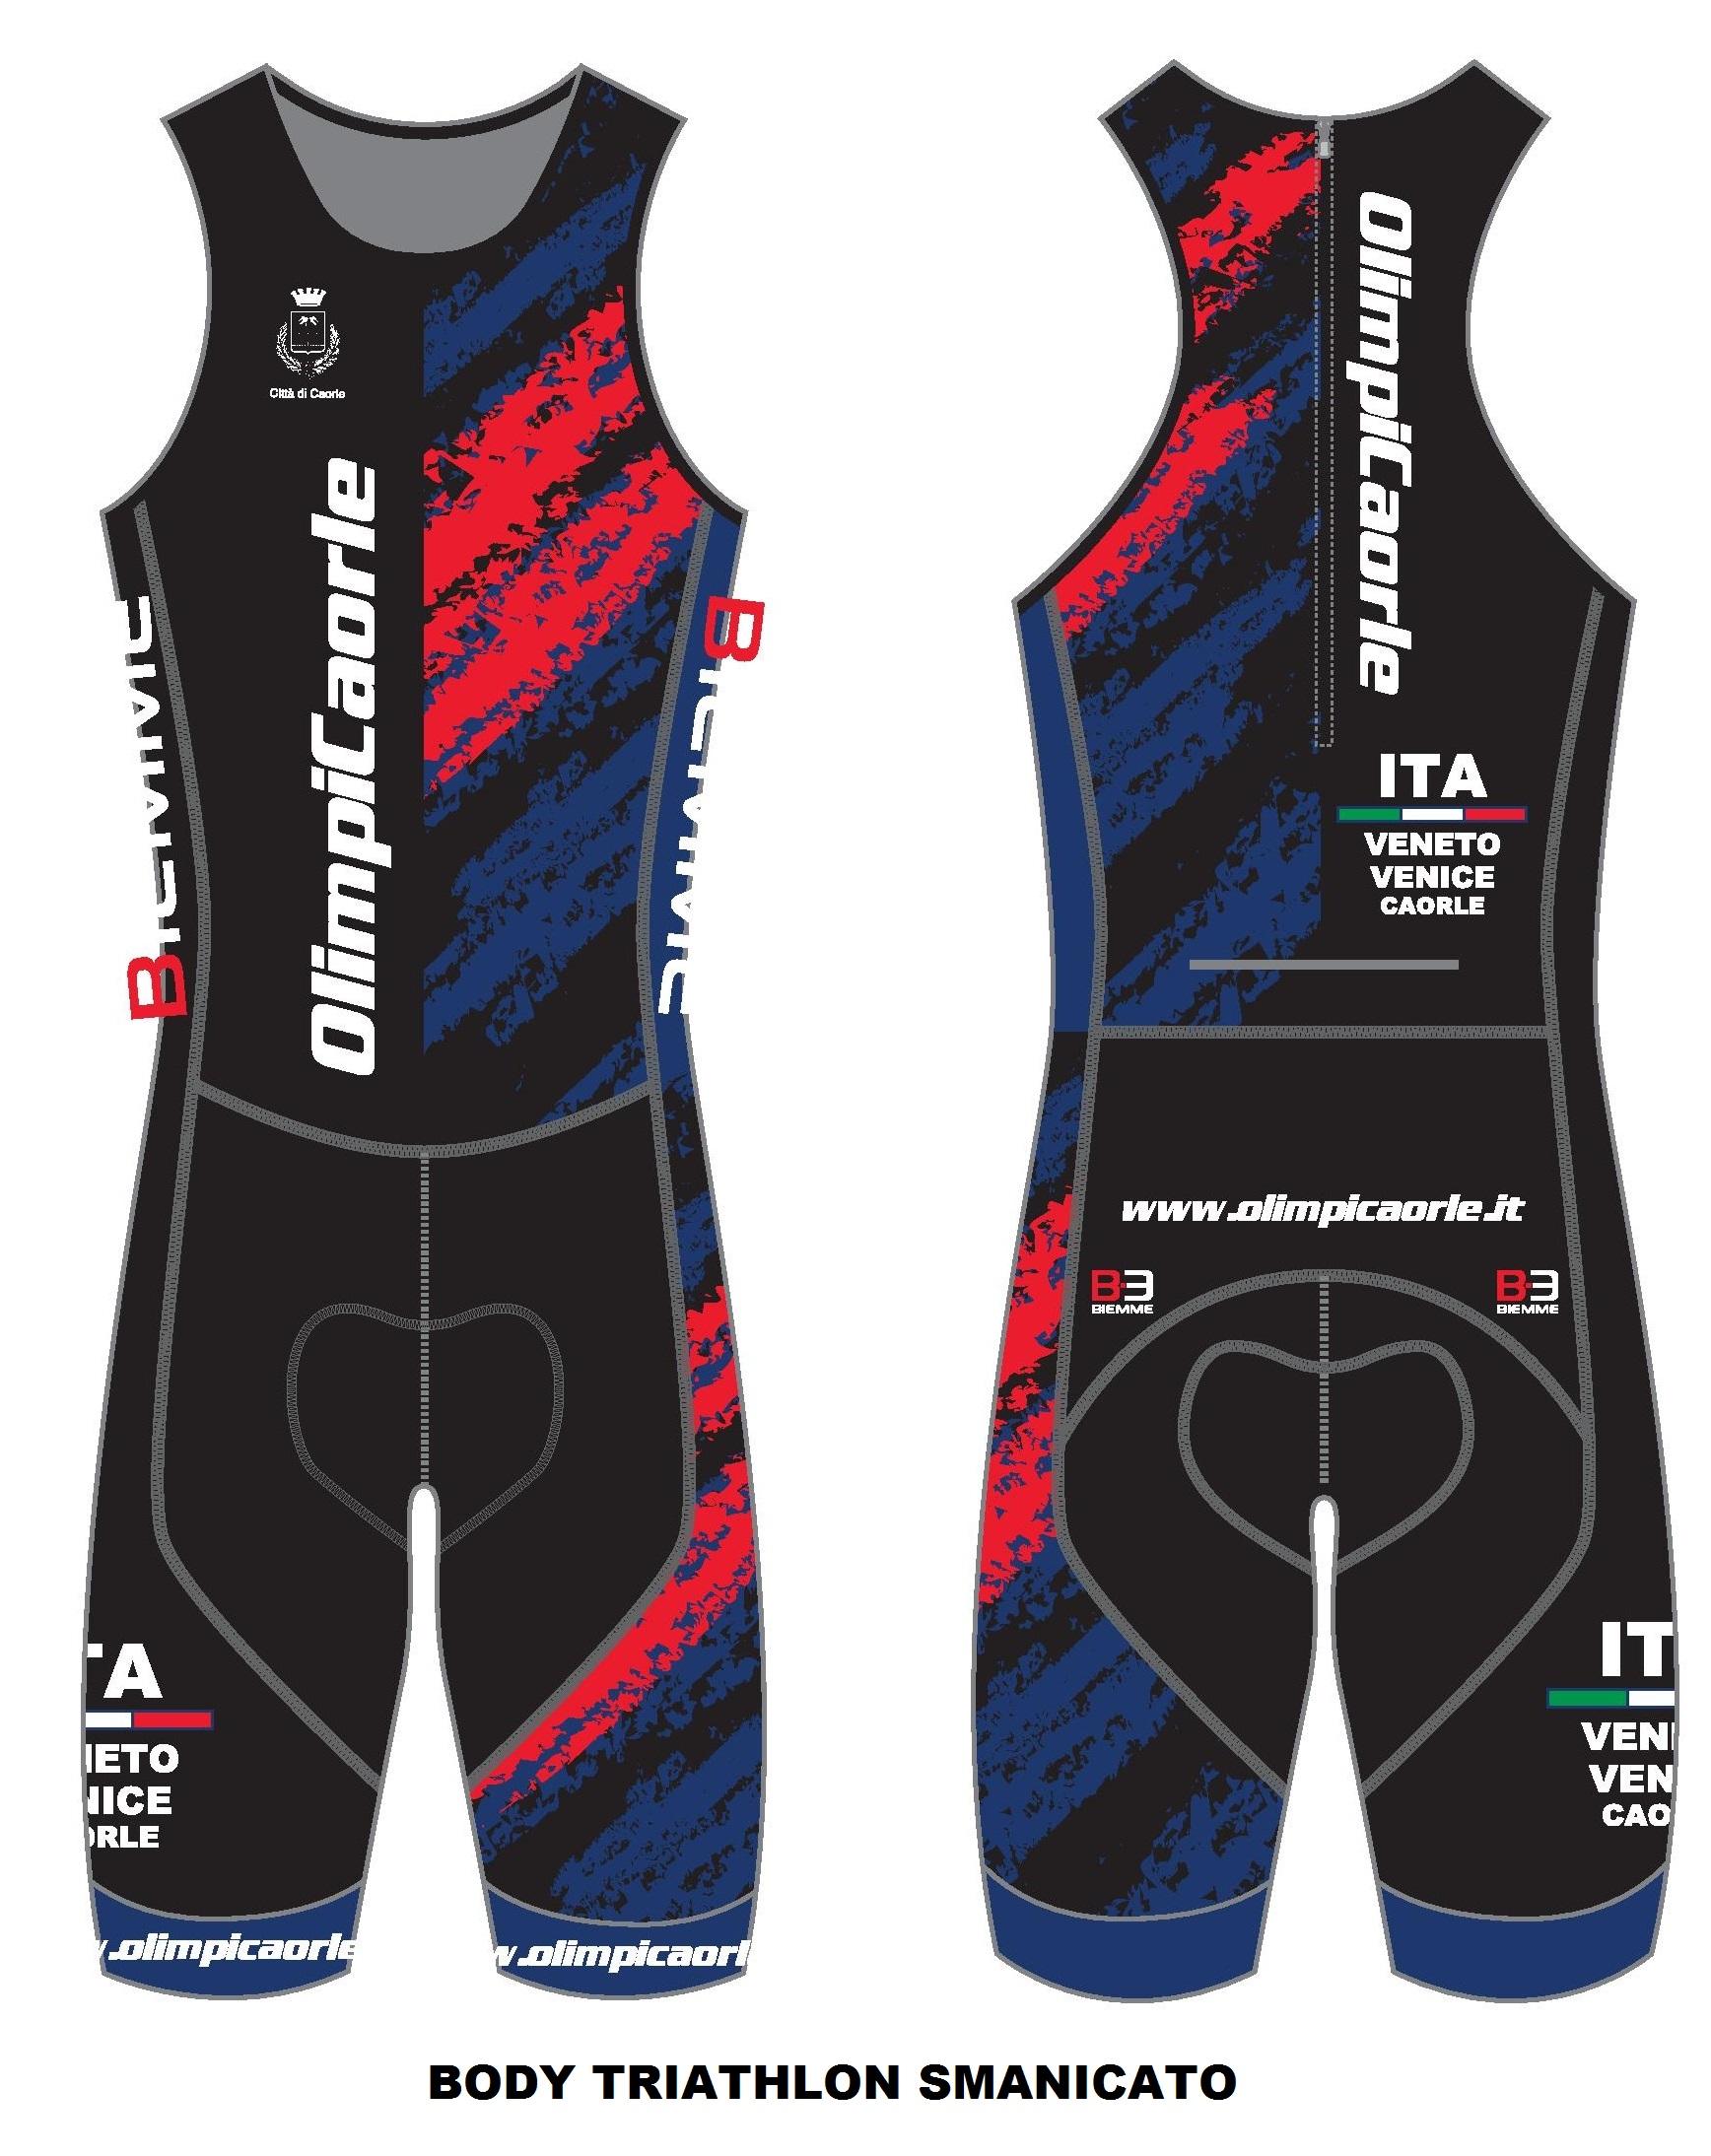 Body triathlon smanicato (per sito)